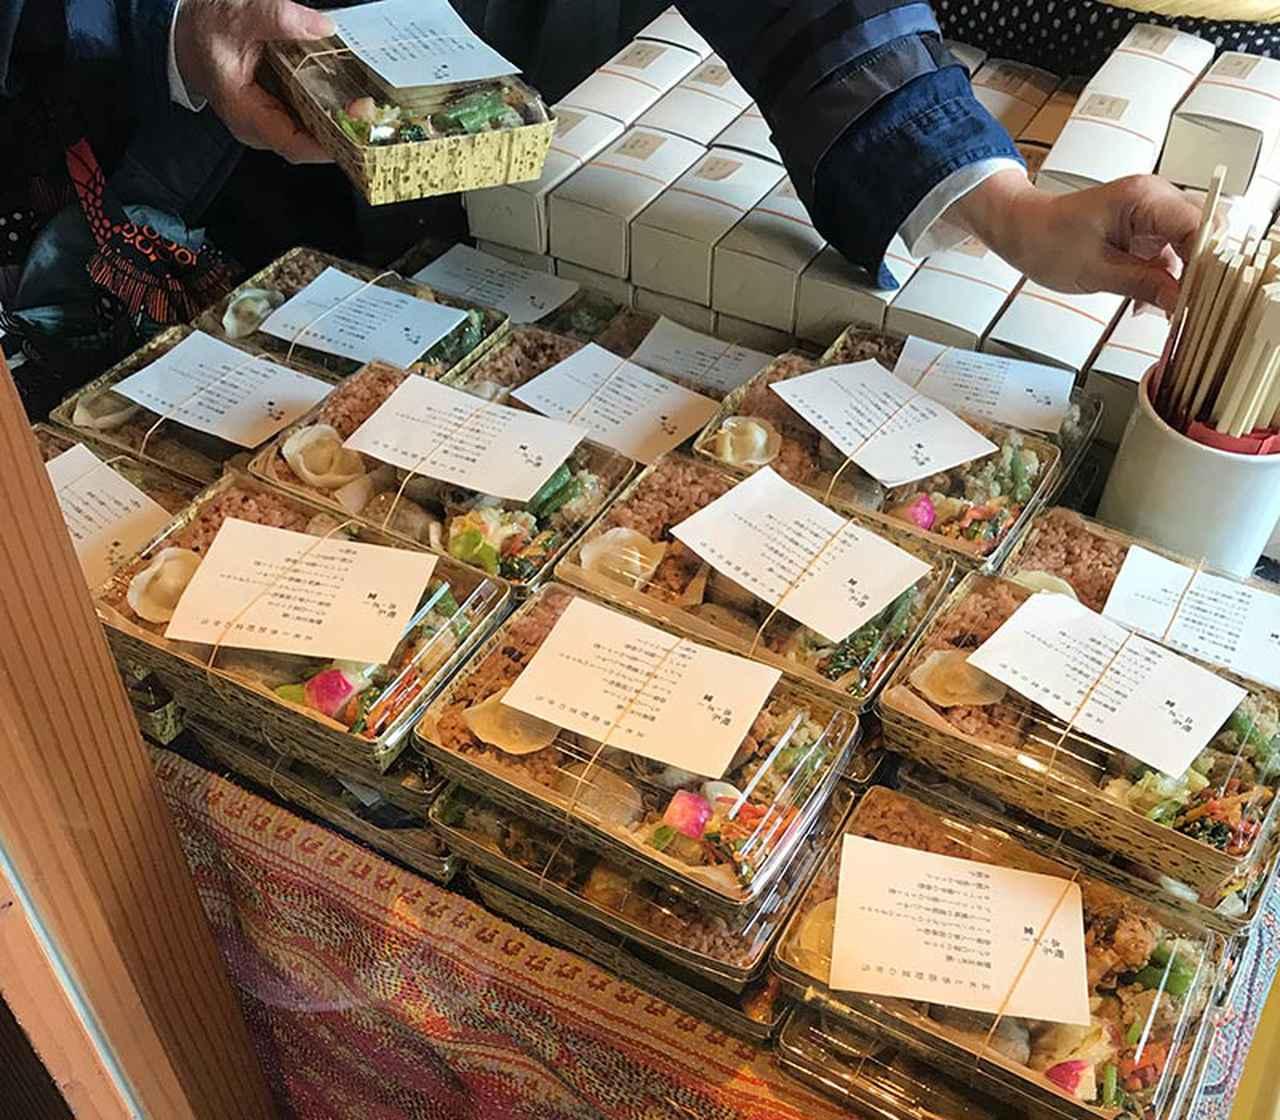 画像: 8年間、毎月25日に欠かさず開かれるオーガニックのマルシェ/京都・西陣「万年青のオモテ市」 京都、根っこのある暮らし方